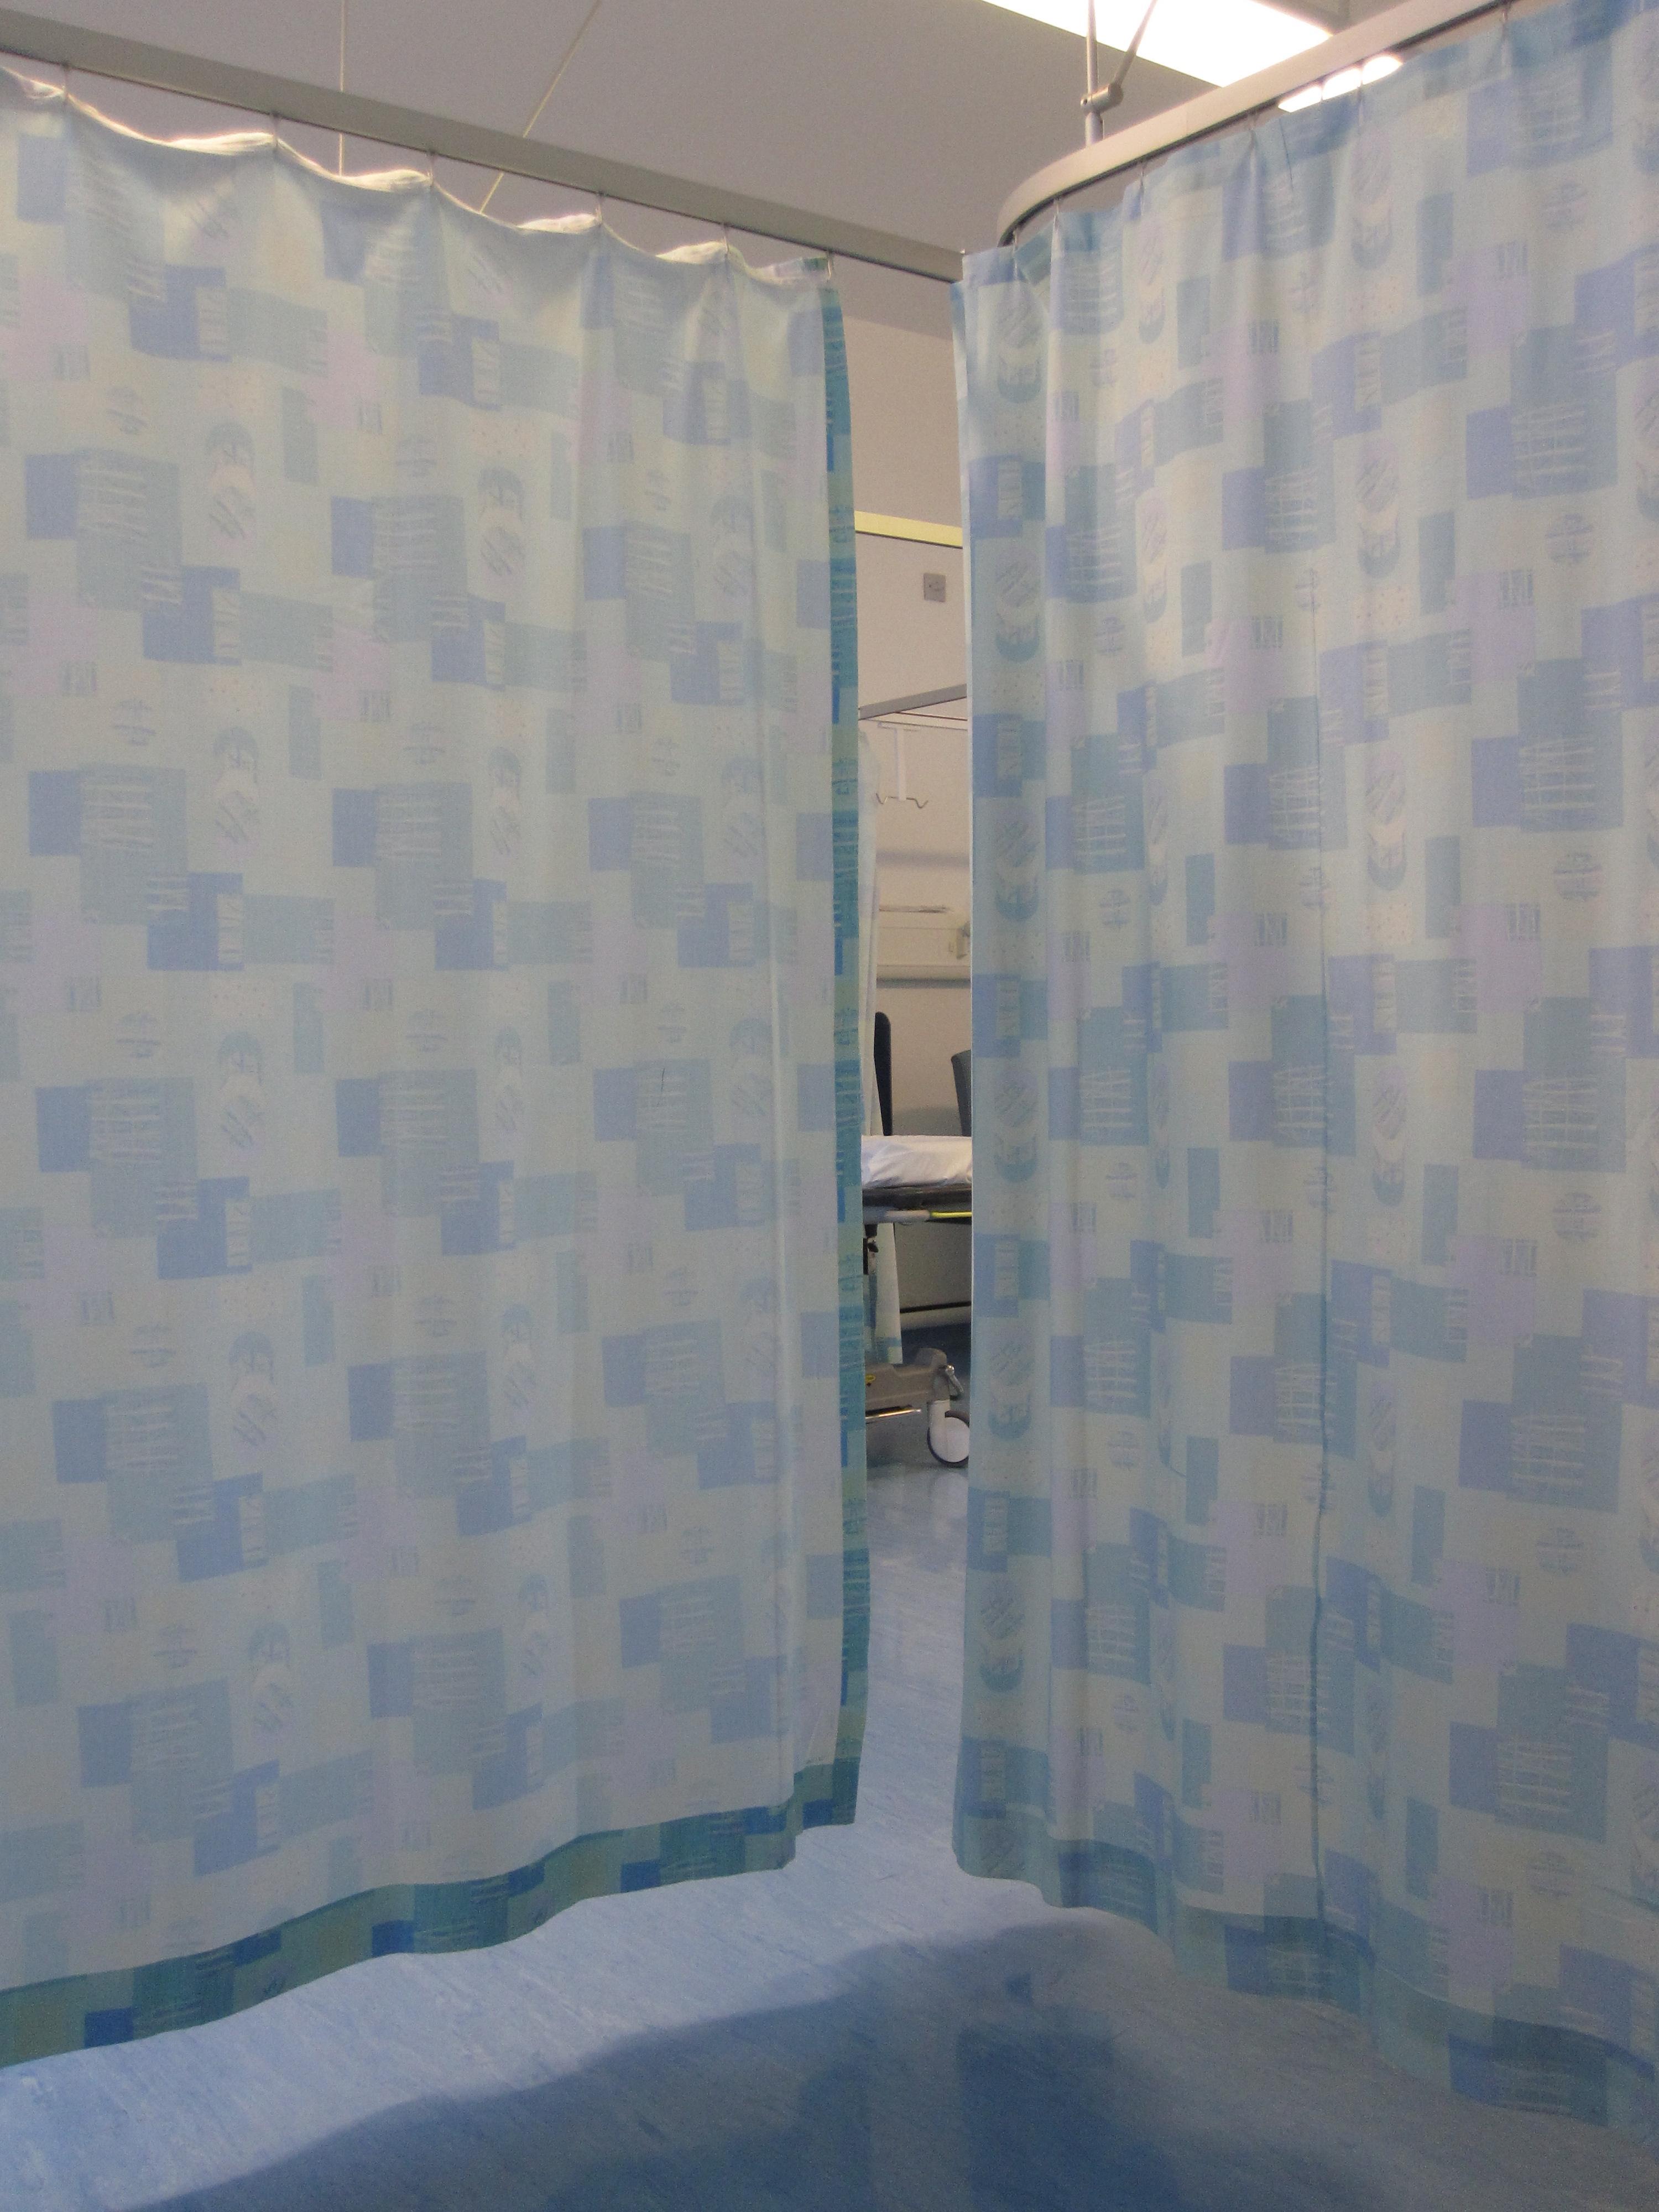 Untersuchungskabinen durch Vorhang abgeteilt im Krankenhaus - Quelle: Wikicommons